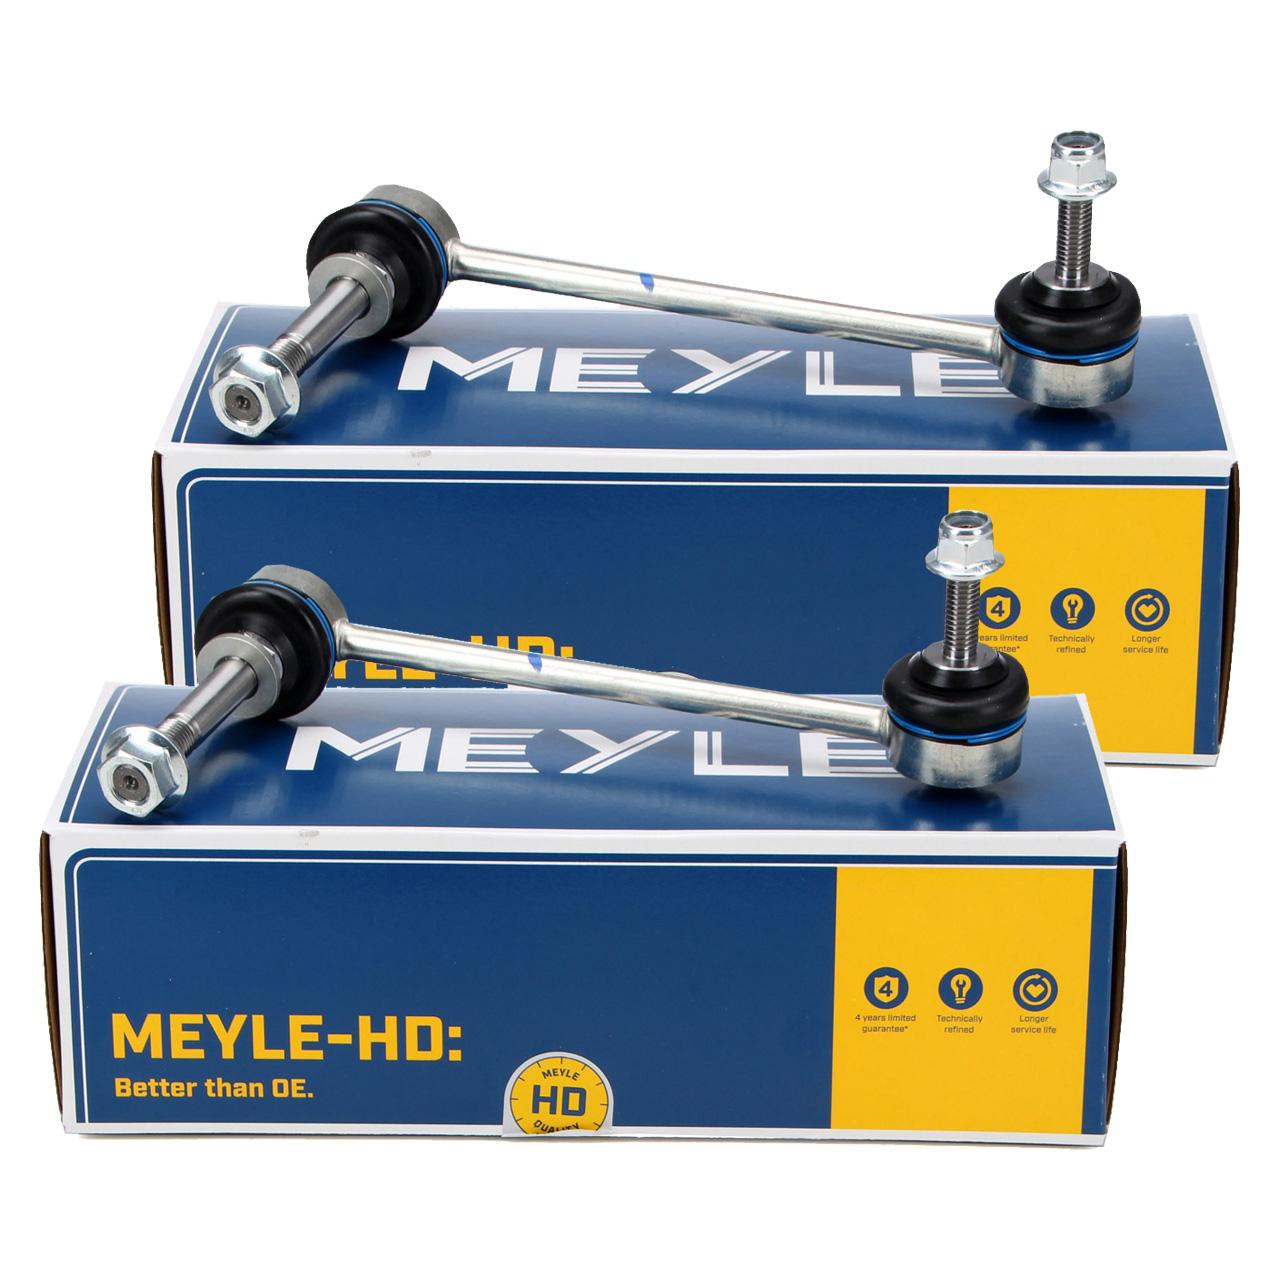 2x MEYLE HD VERSTÄRKT Koppelstange PORSCHE 997 Boxster Cayman 987 981 982 vorne / hinten